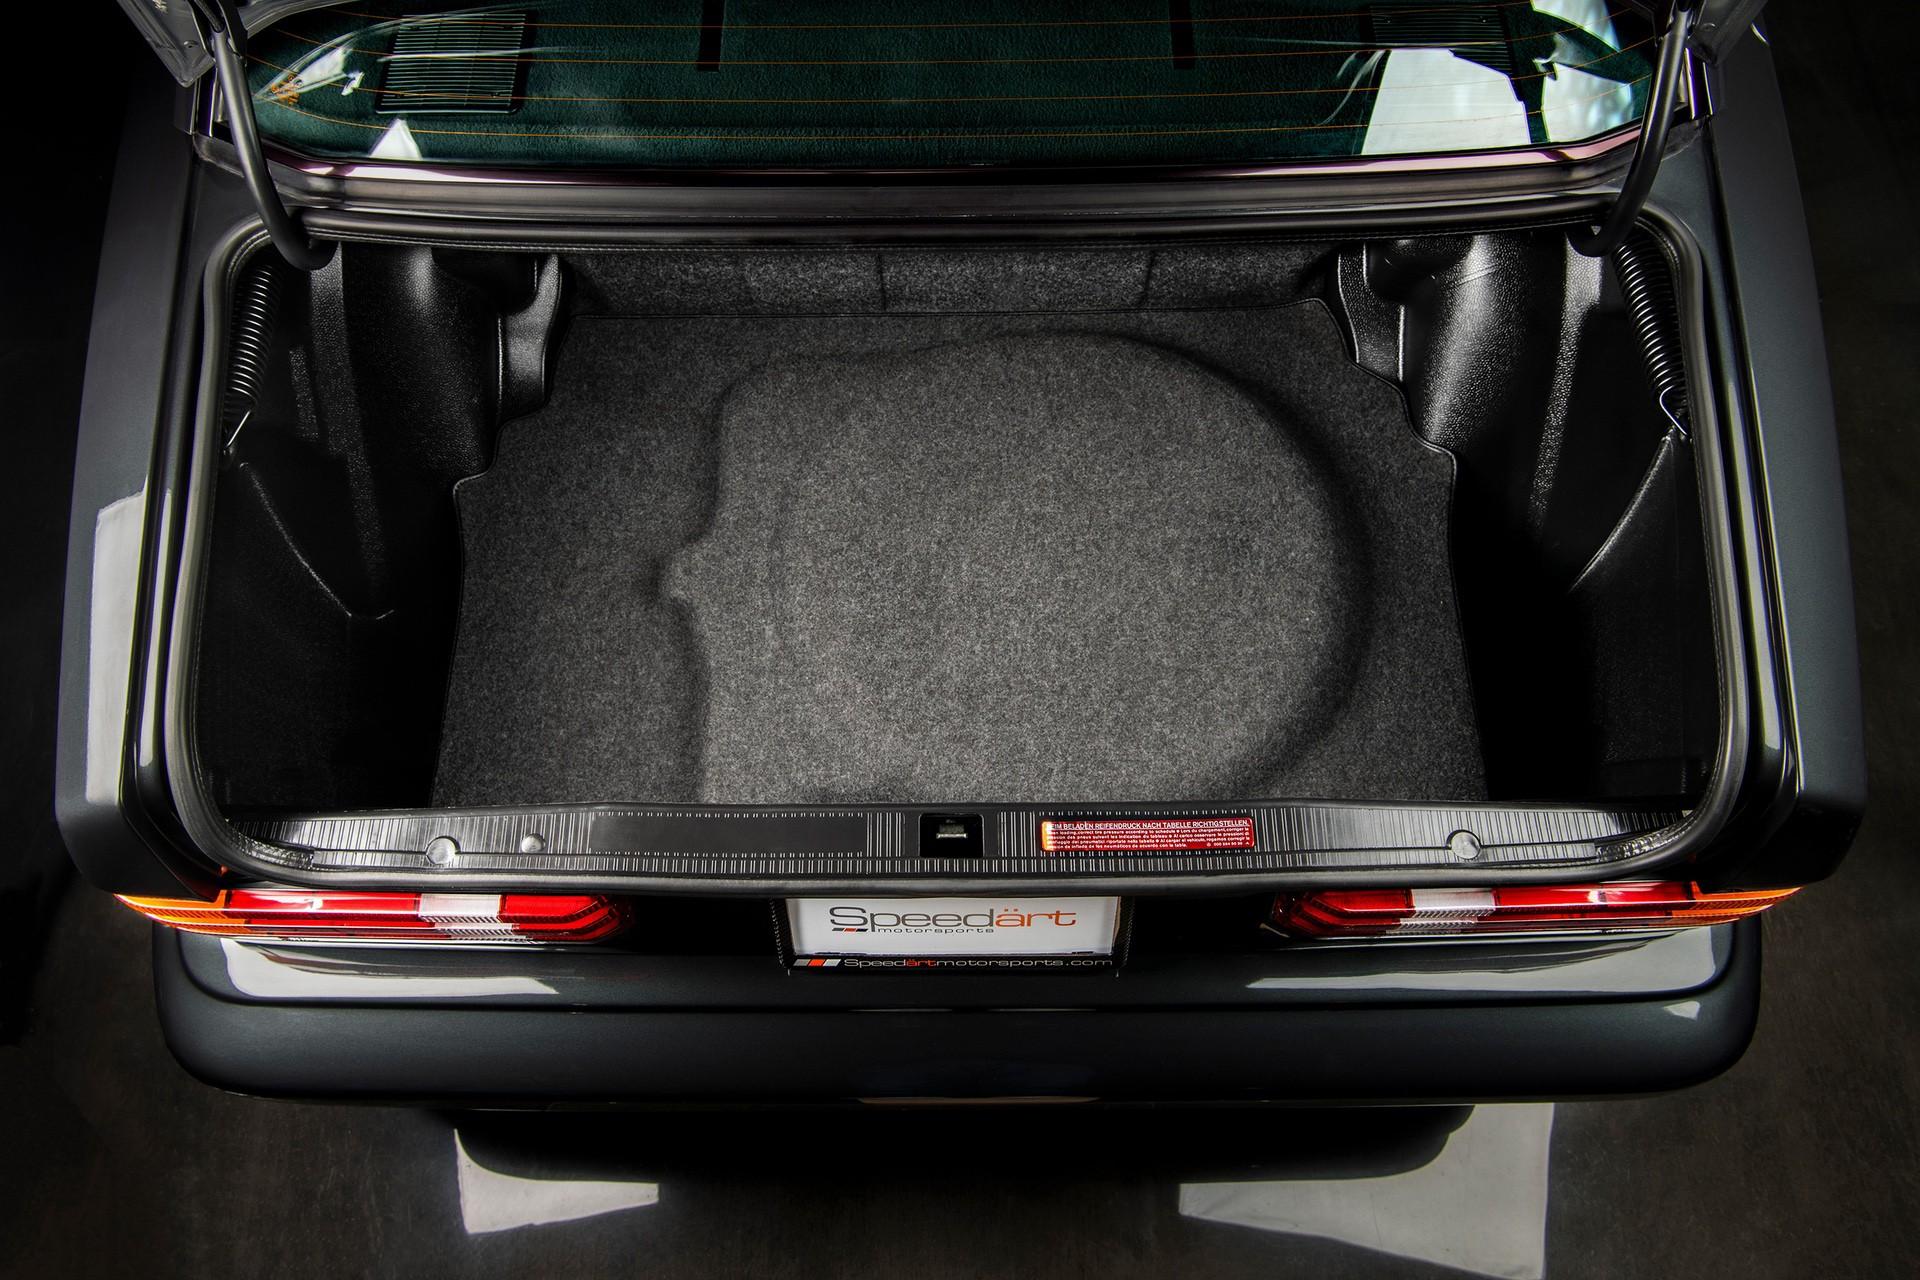 1990_Mercedes_Benz_190E_25-16_Evolution_II_sales_0035